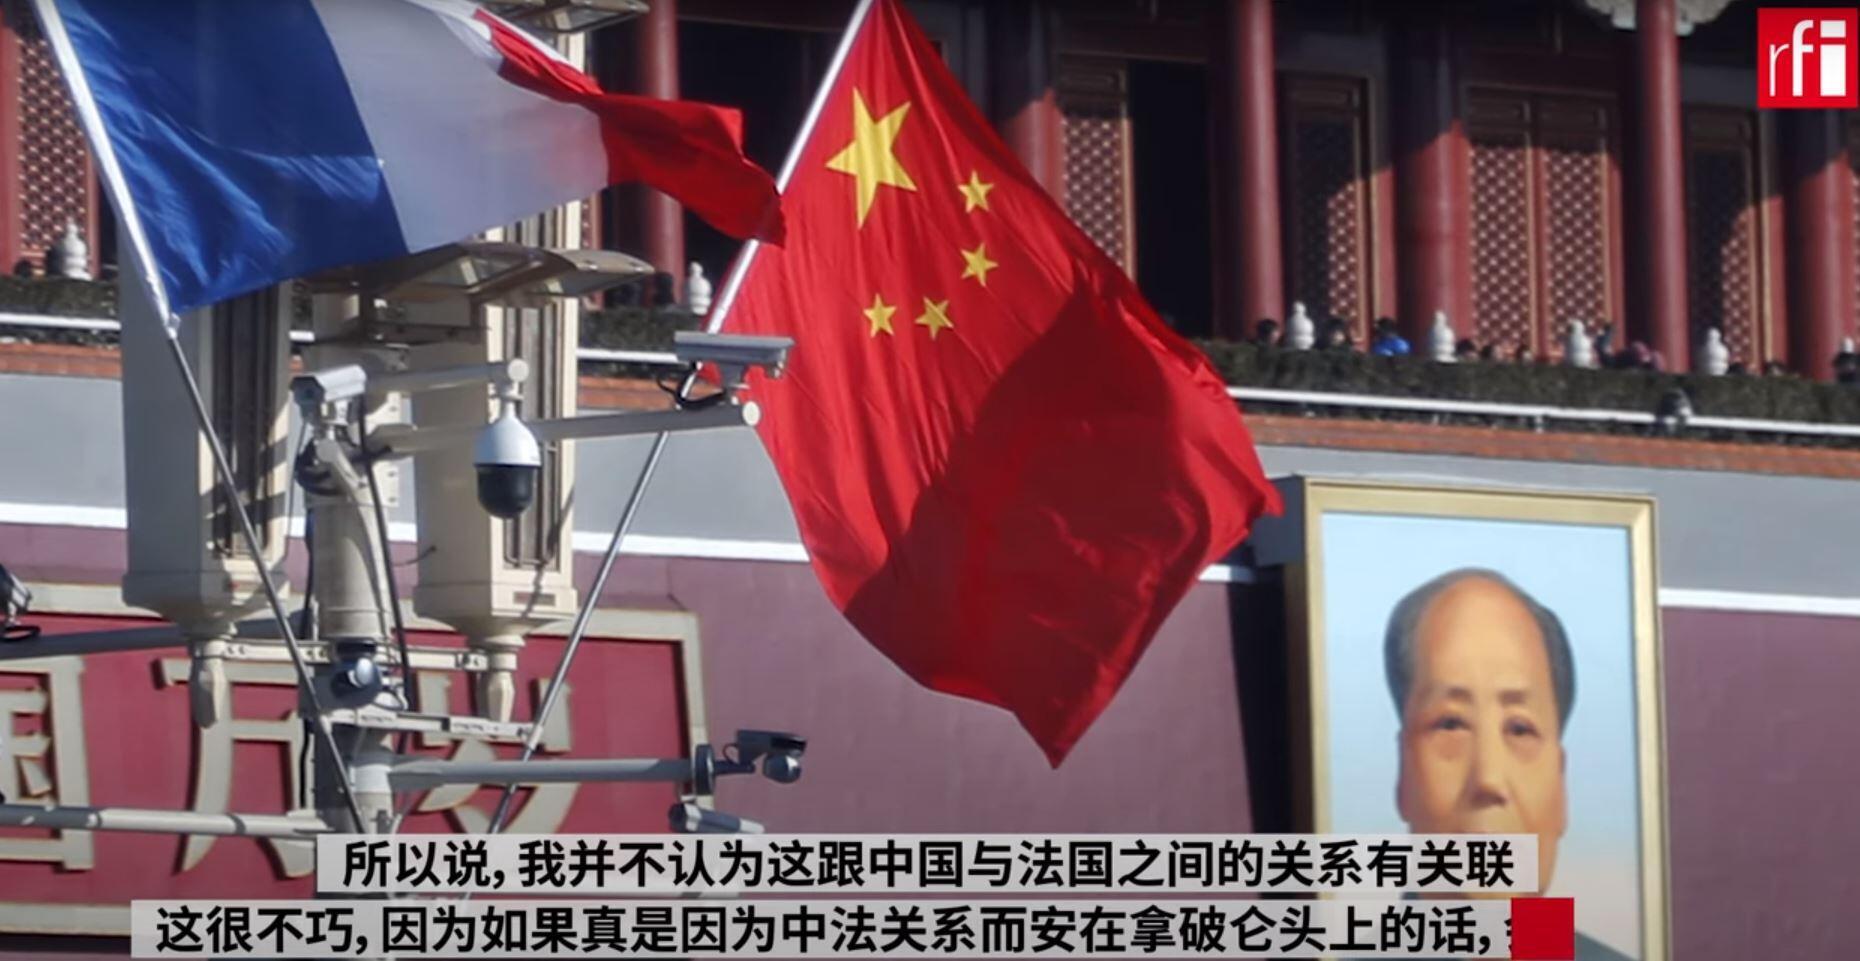 中國睡獅論的前世今生